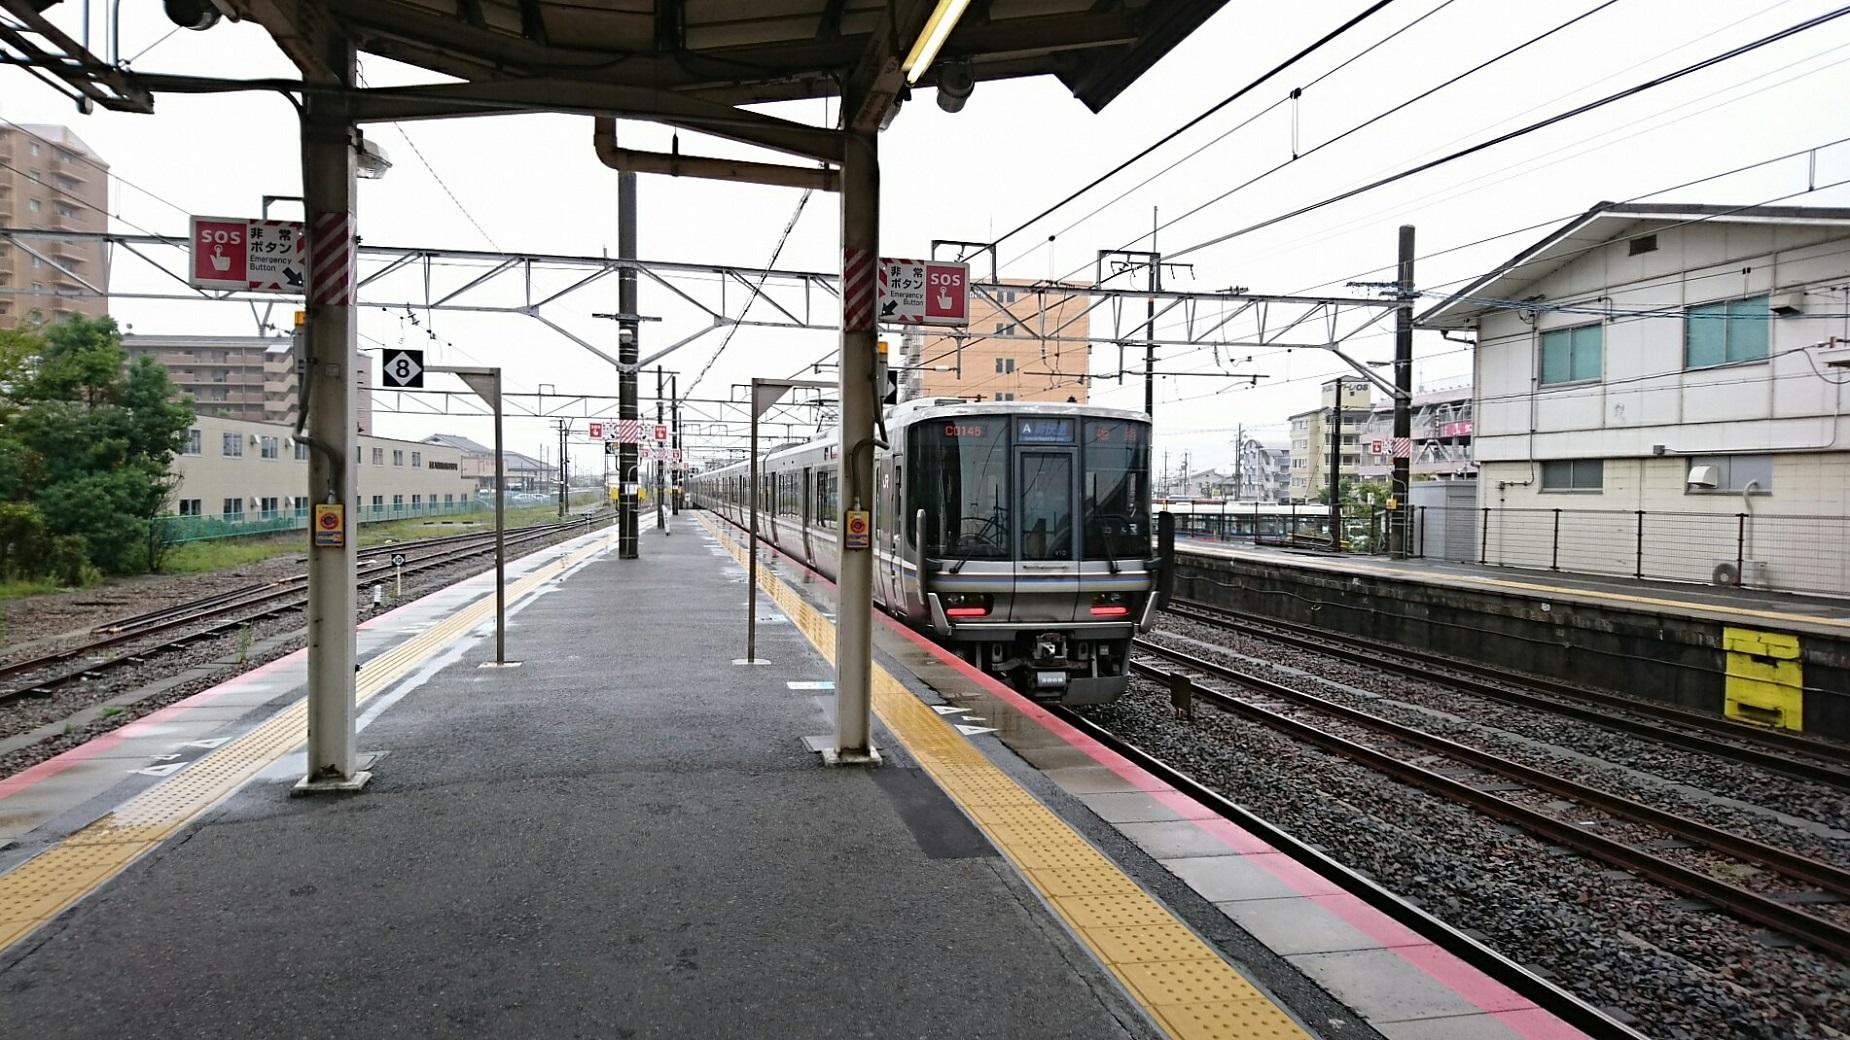 2017.10.7 近江八幡 (17) 近江八幡 - 姫路いき新快速 1850-1040